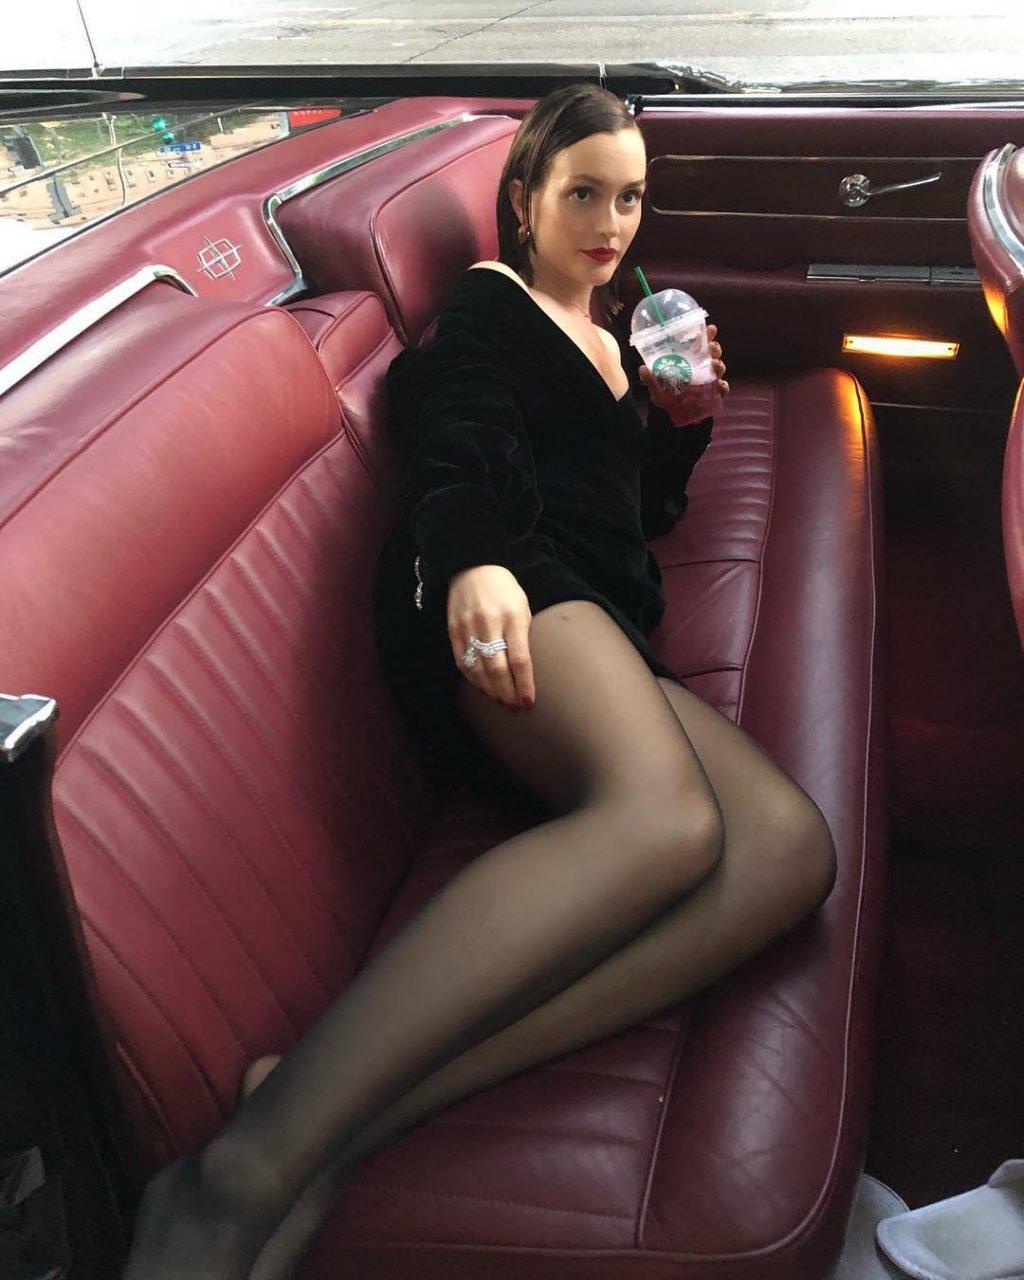 Leighton Meester Sexy (19 Photos)